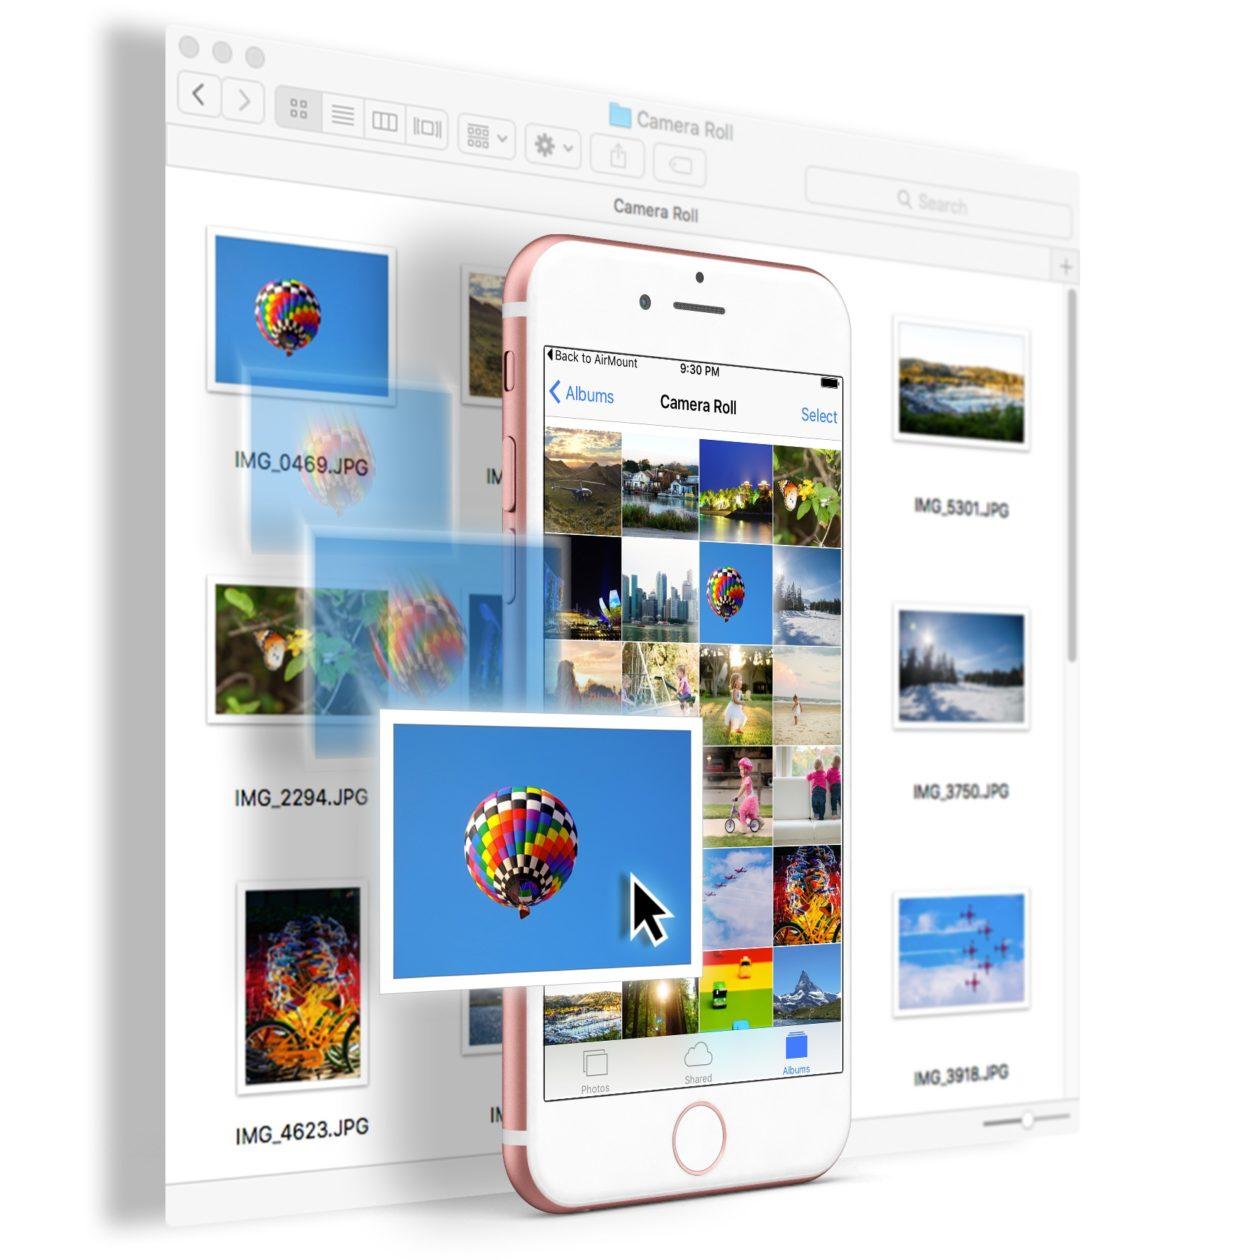 Este app lhe ajuda a transferir rapidamente arquivos do Mac para o iPhone (e vice-versa)